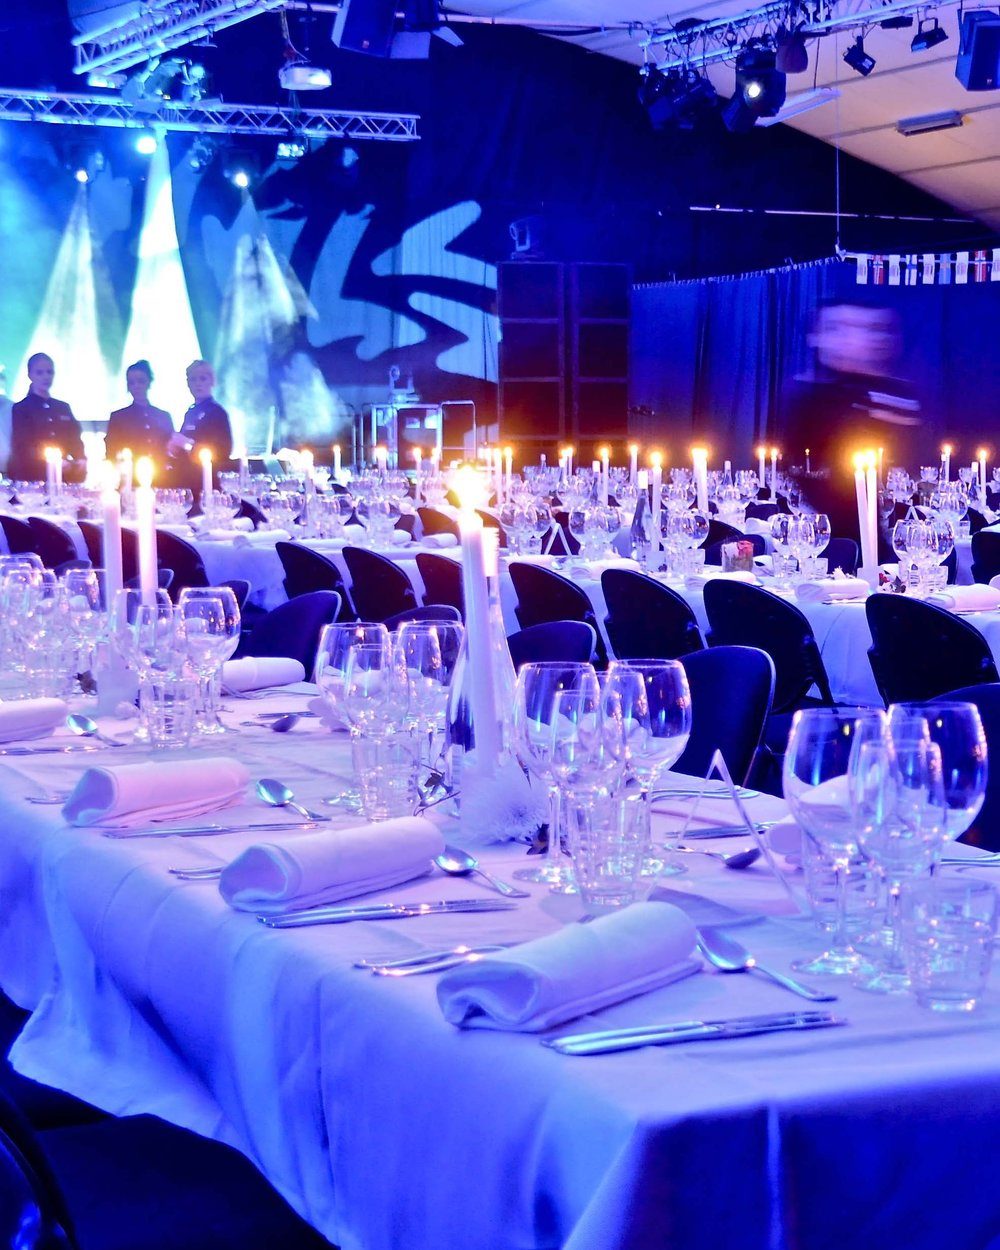 Fakta - oförglömlig konferens på Högis - Skräddarsydda lösningar för konferenser, event- och kongresserI våra 13 restauranger och barer på hotellet kan ni avnjuta allt från steakhouse till sushi.Vinterträdgården, möjligheternas lokal: 660 kvadratmeters golvyta med fönster ut mot fjället, för utställning, lansering, show etc.Möjlighet att bygga läktare, catwalk eller mässytaSkidbackar och längdspår direkt utanför dörren. Skistarshop och skiduthyrning i hotellet.Ni kan välja mellan ett stort aktivitetsutbud året om; skotersafari, hundspann, Snowkite m.m.Nyhet 2019! Ta flyget till Sälen, invigning av Scandinavian Mountain Airport